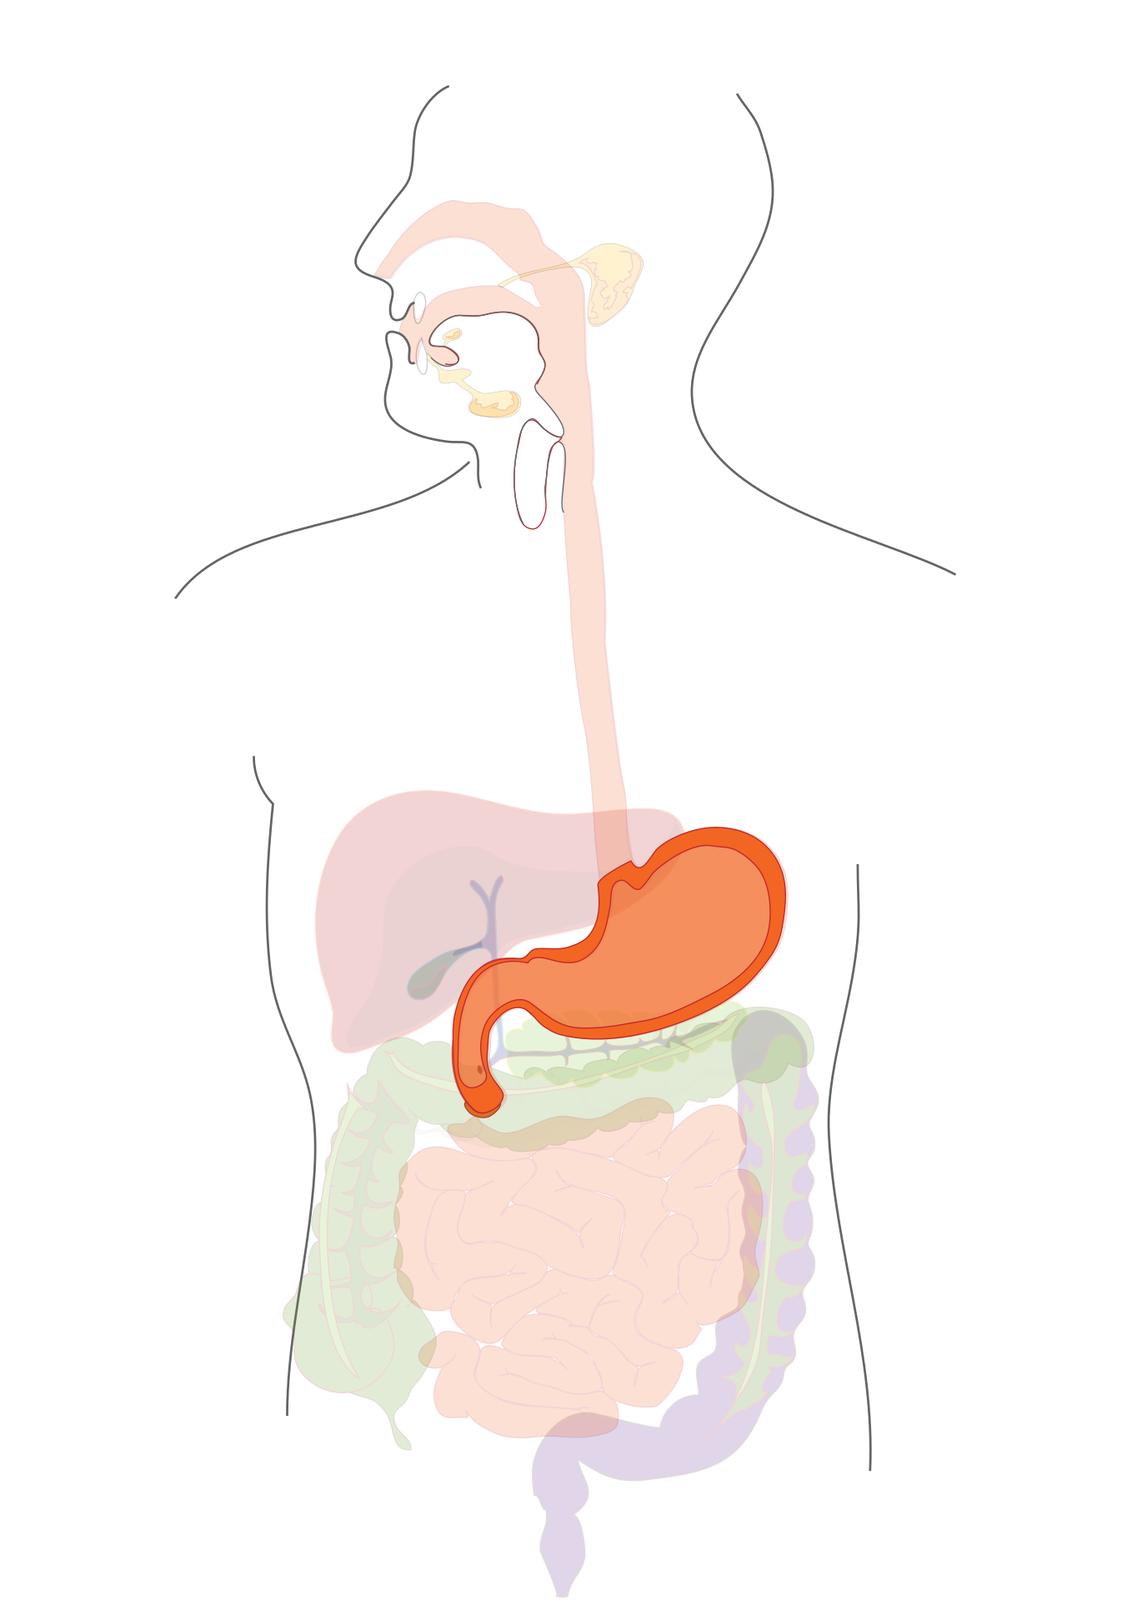 Ilustracja przedstawia schemat budowy układu pokarmowego człowieka naniesionego na obrys jego sylwetki. Na schemacie zaznaczono jamę ustną inosową, przełyk, żołądek, wątrobę, trzustkę iukład jelitowy. Wszystko, poza żołądkiem, jest półprzezroczyste. Żołądek wyróżniony jest pomarańczową barwą, ajego ścianki intensywnie pomarańczową.